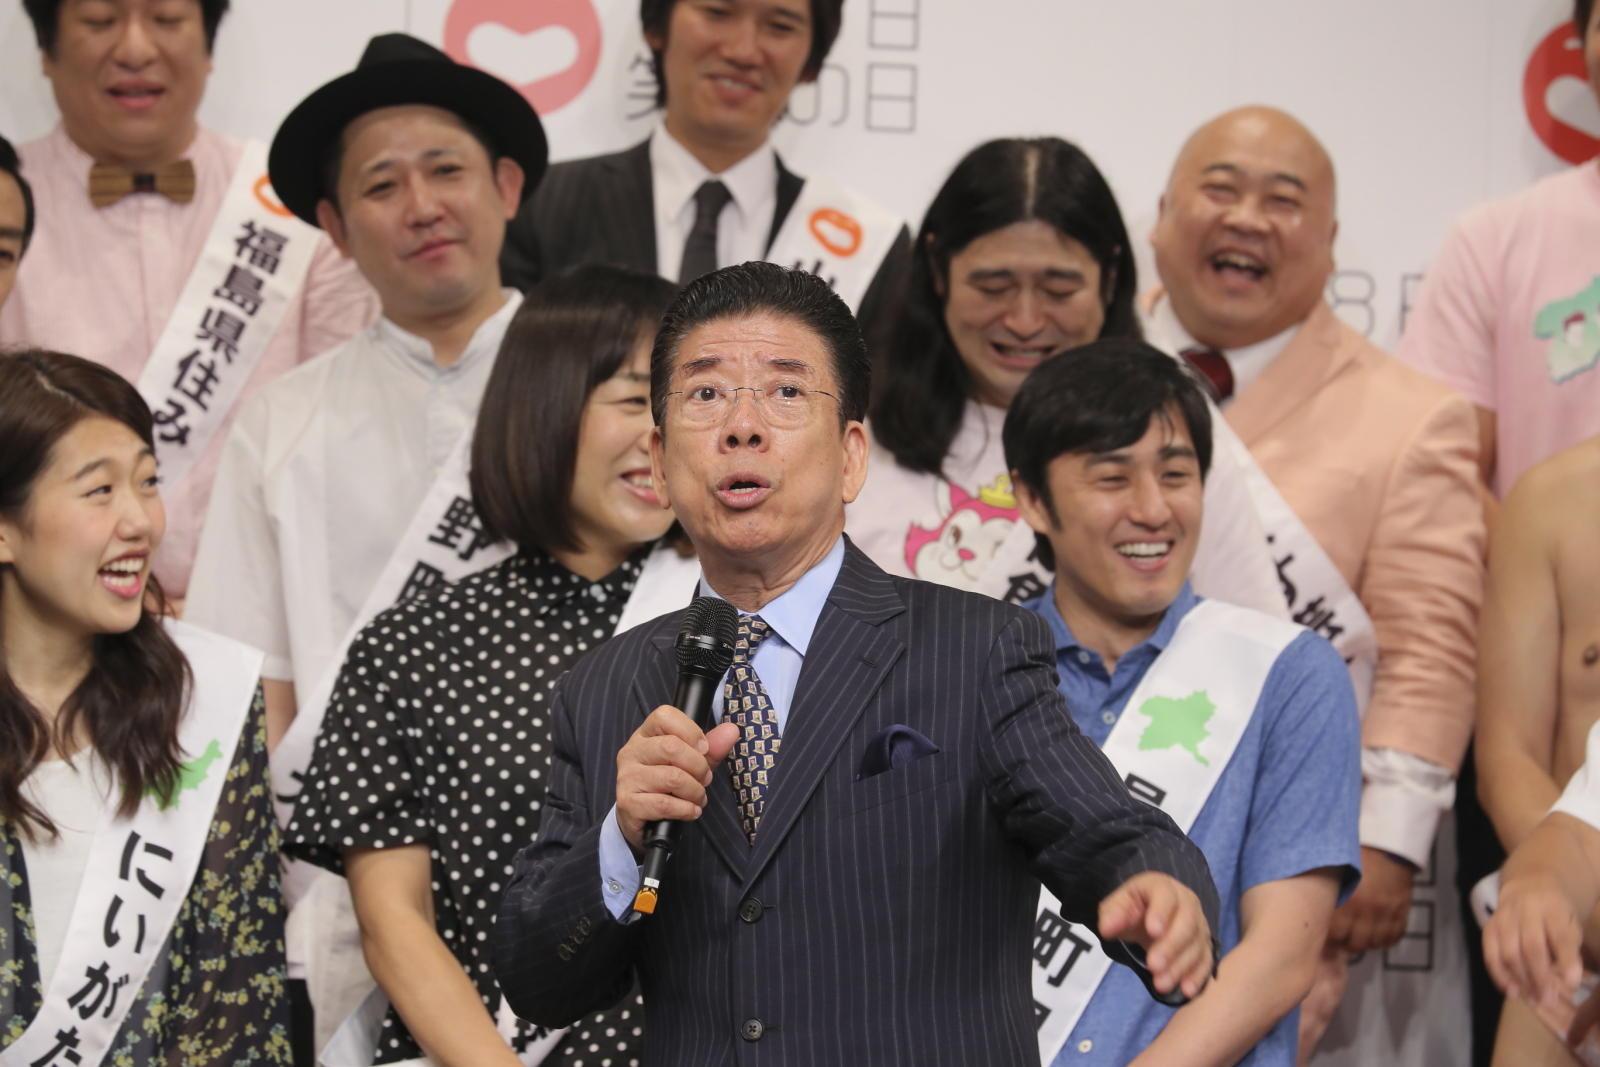 http://news.yoshimoto.co.jp/20170704220939-cc33141b8c6552e4288e298eacb6910cbac61816.jpg